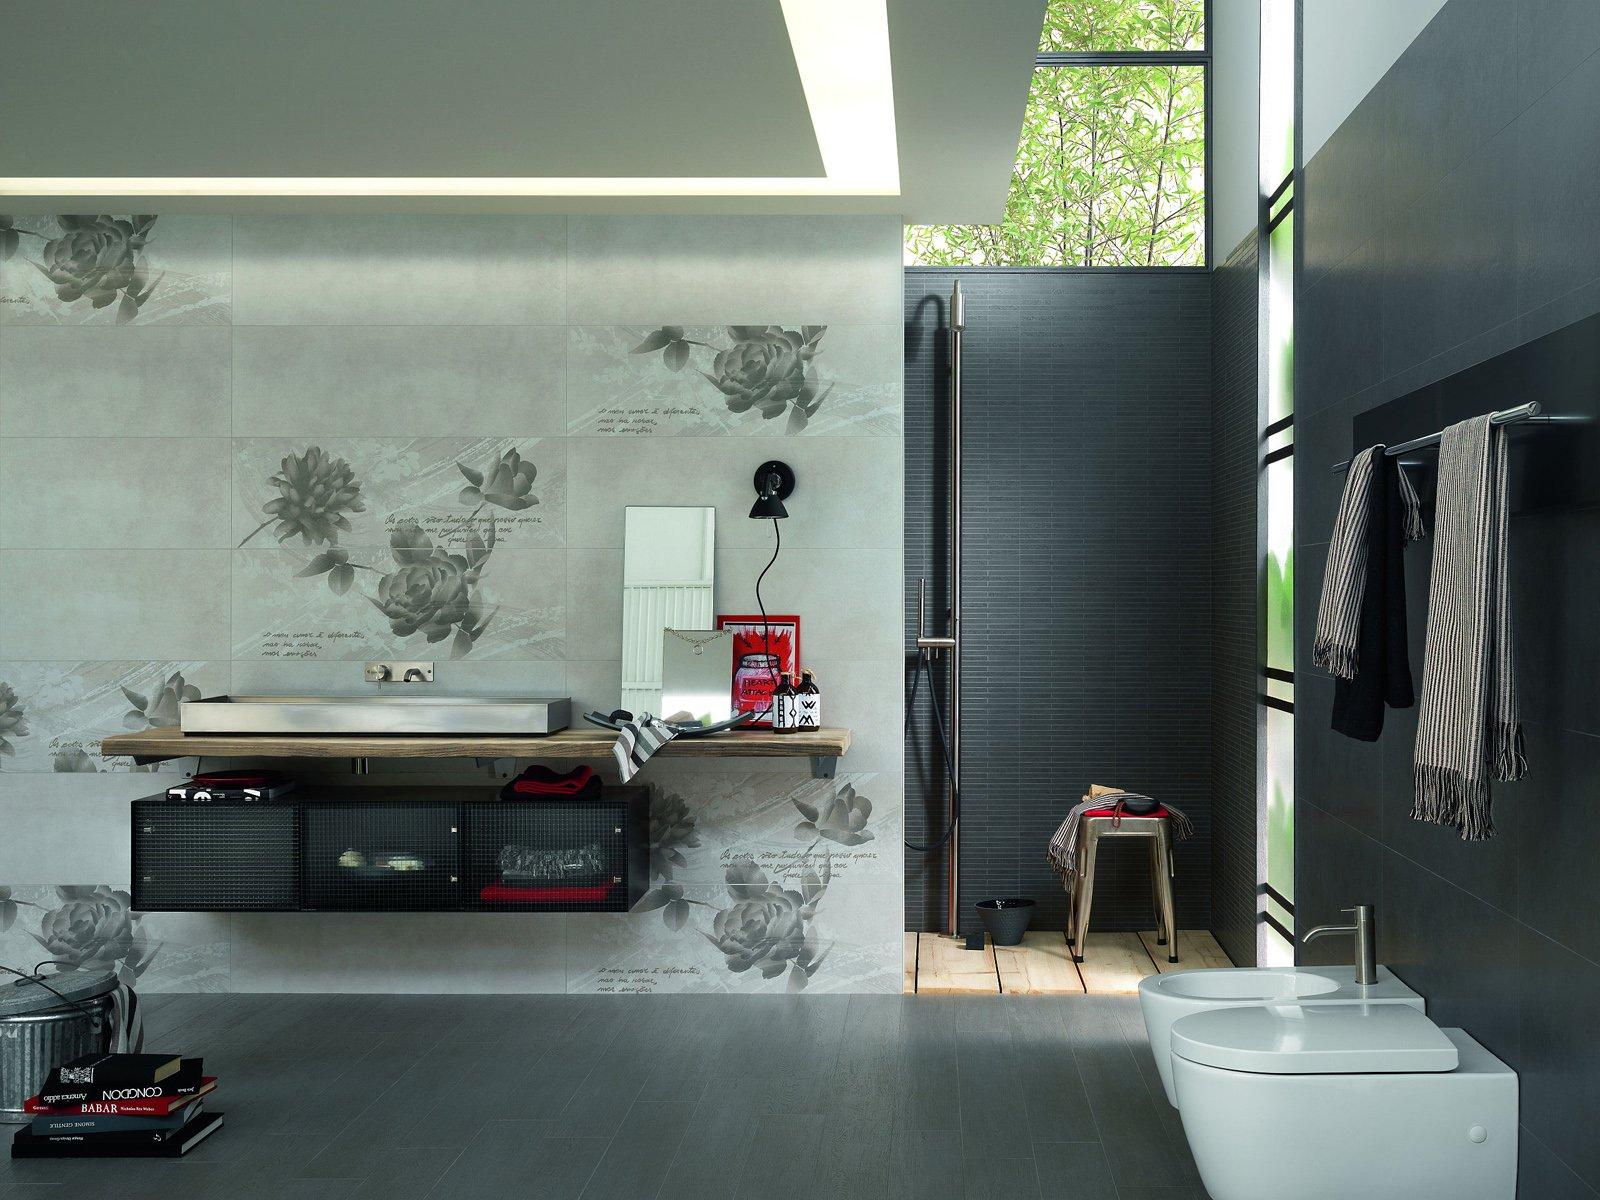 le piastrelle oficina 7 di marazzi che rivestono le pareti del bagno sono in monocottura in